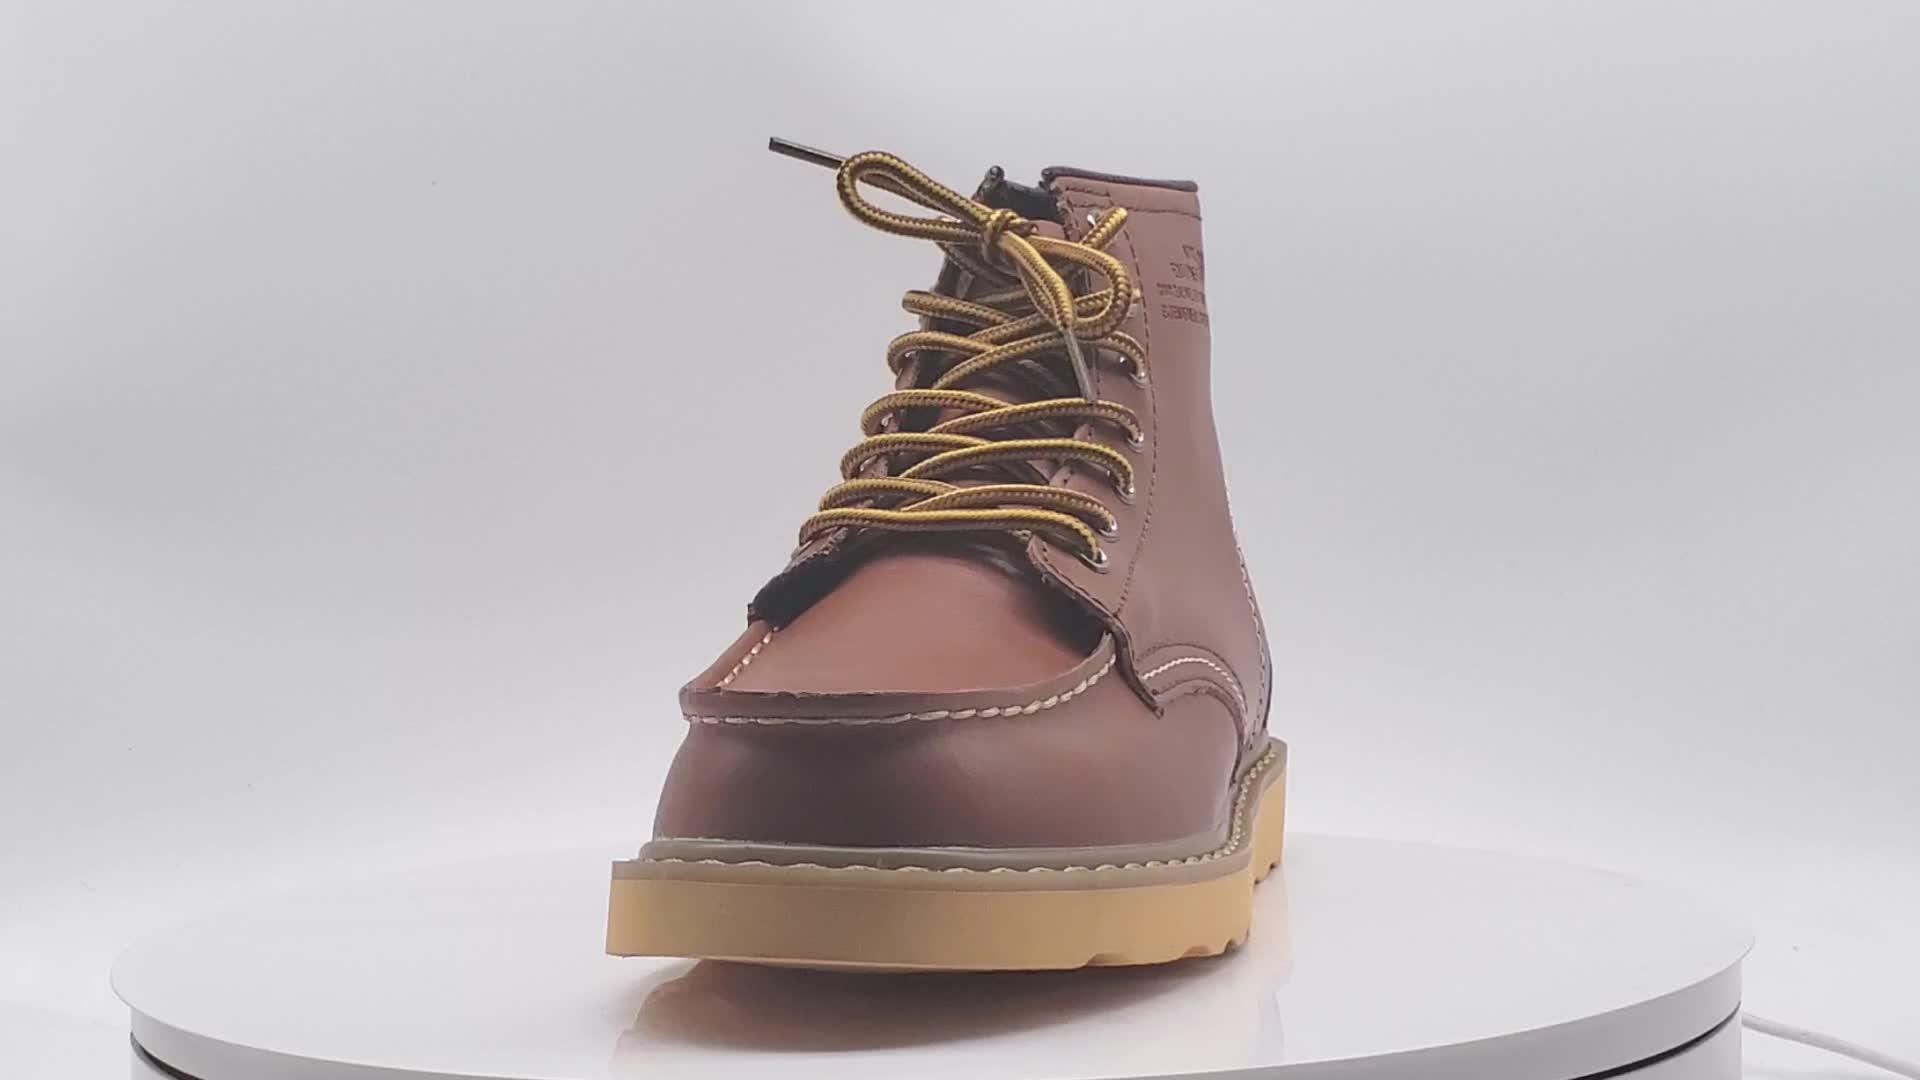 Großhandel Moc Kappe Männer Arbeiten Stiefel Schuhe High Top Leder Casual Schuhe Männer Ankle Chukka Stiefel